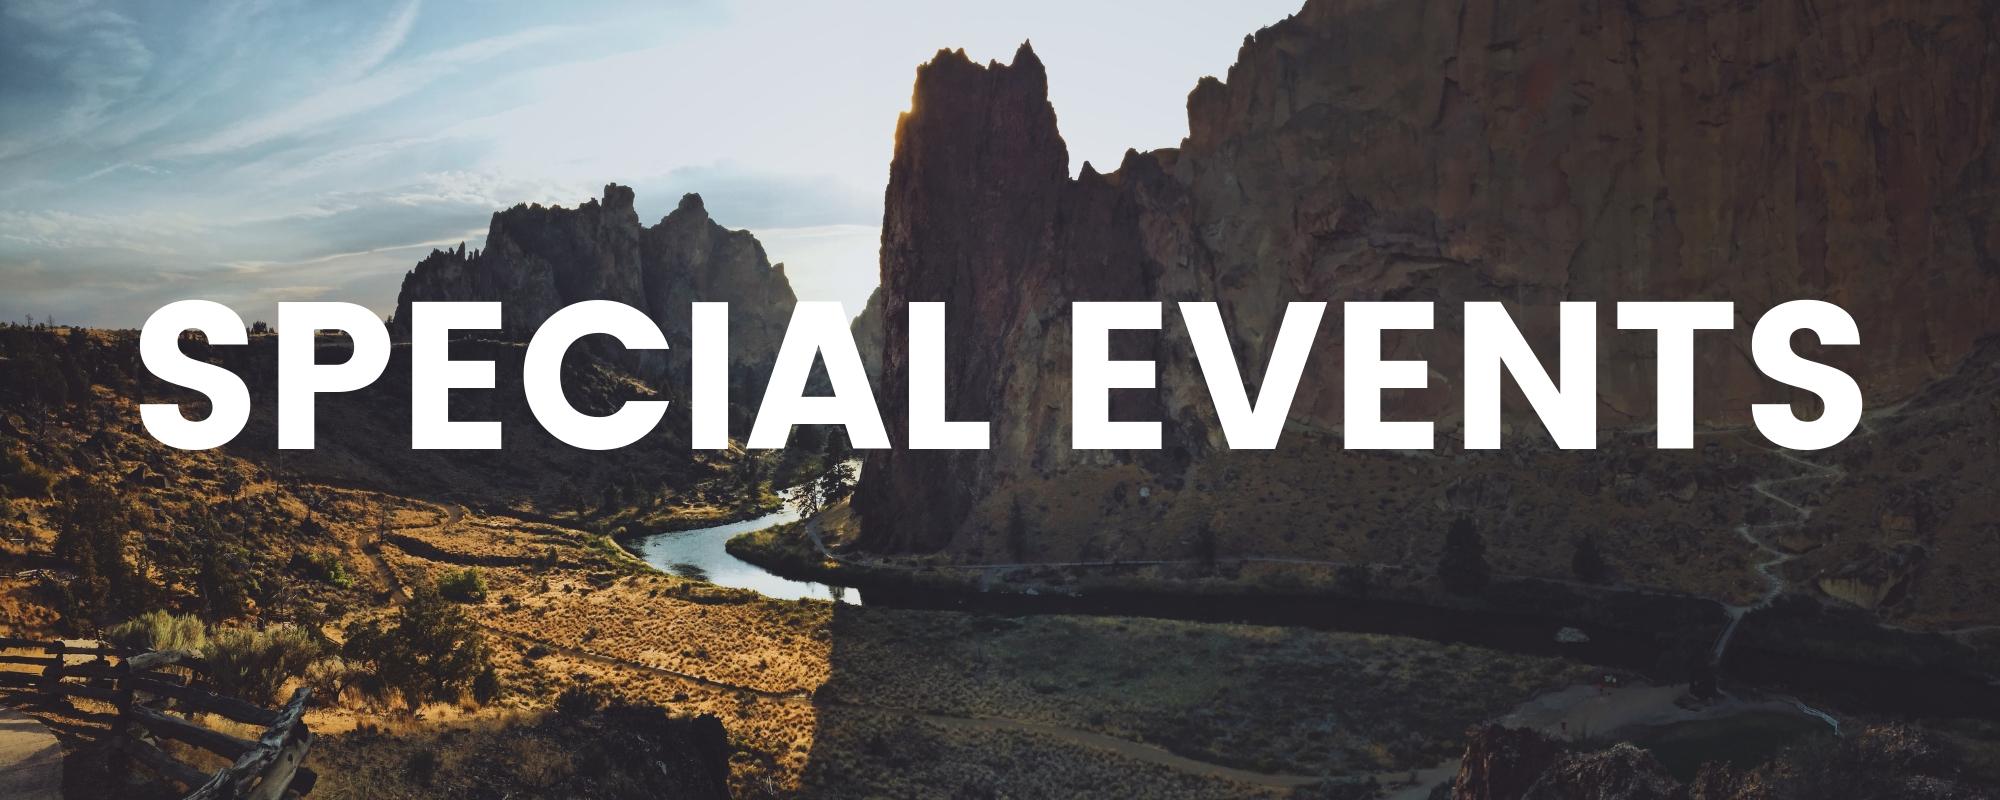 Bend-Special-Events-Oregon-Wanderlust